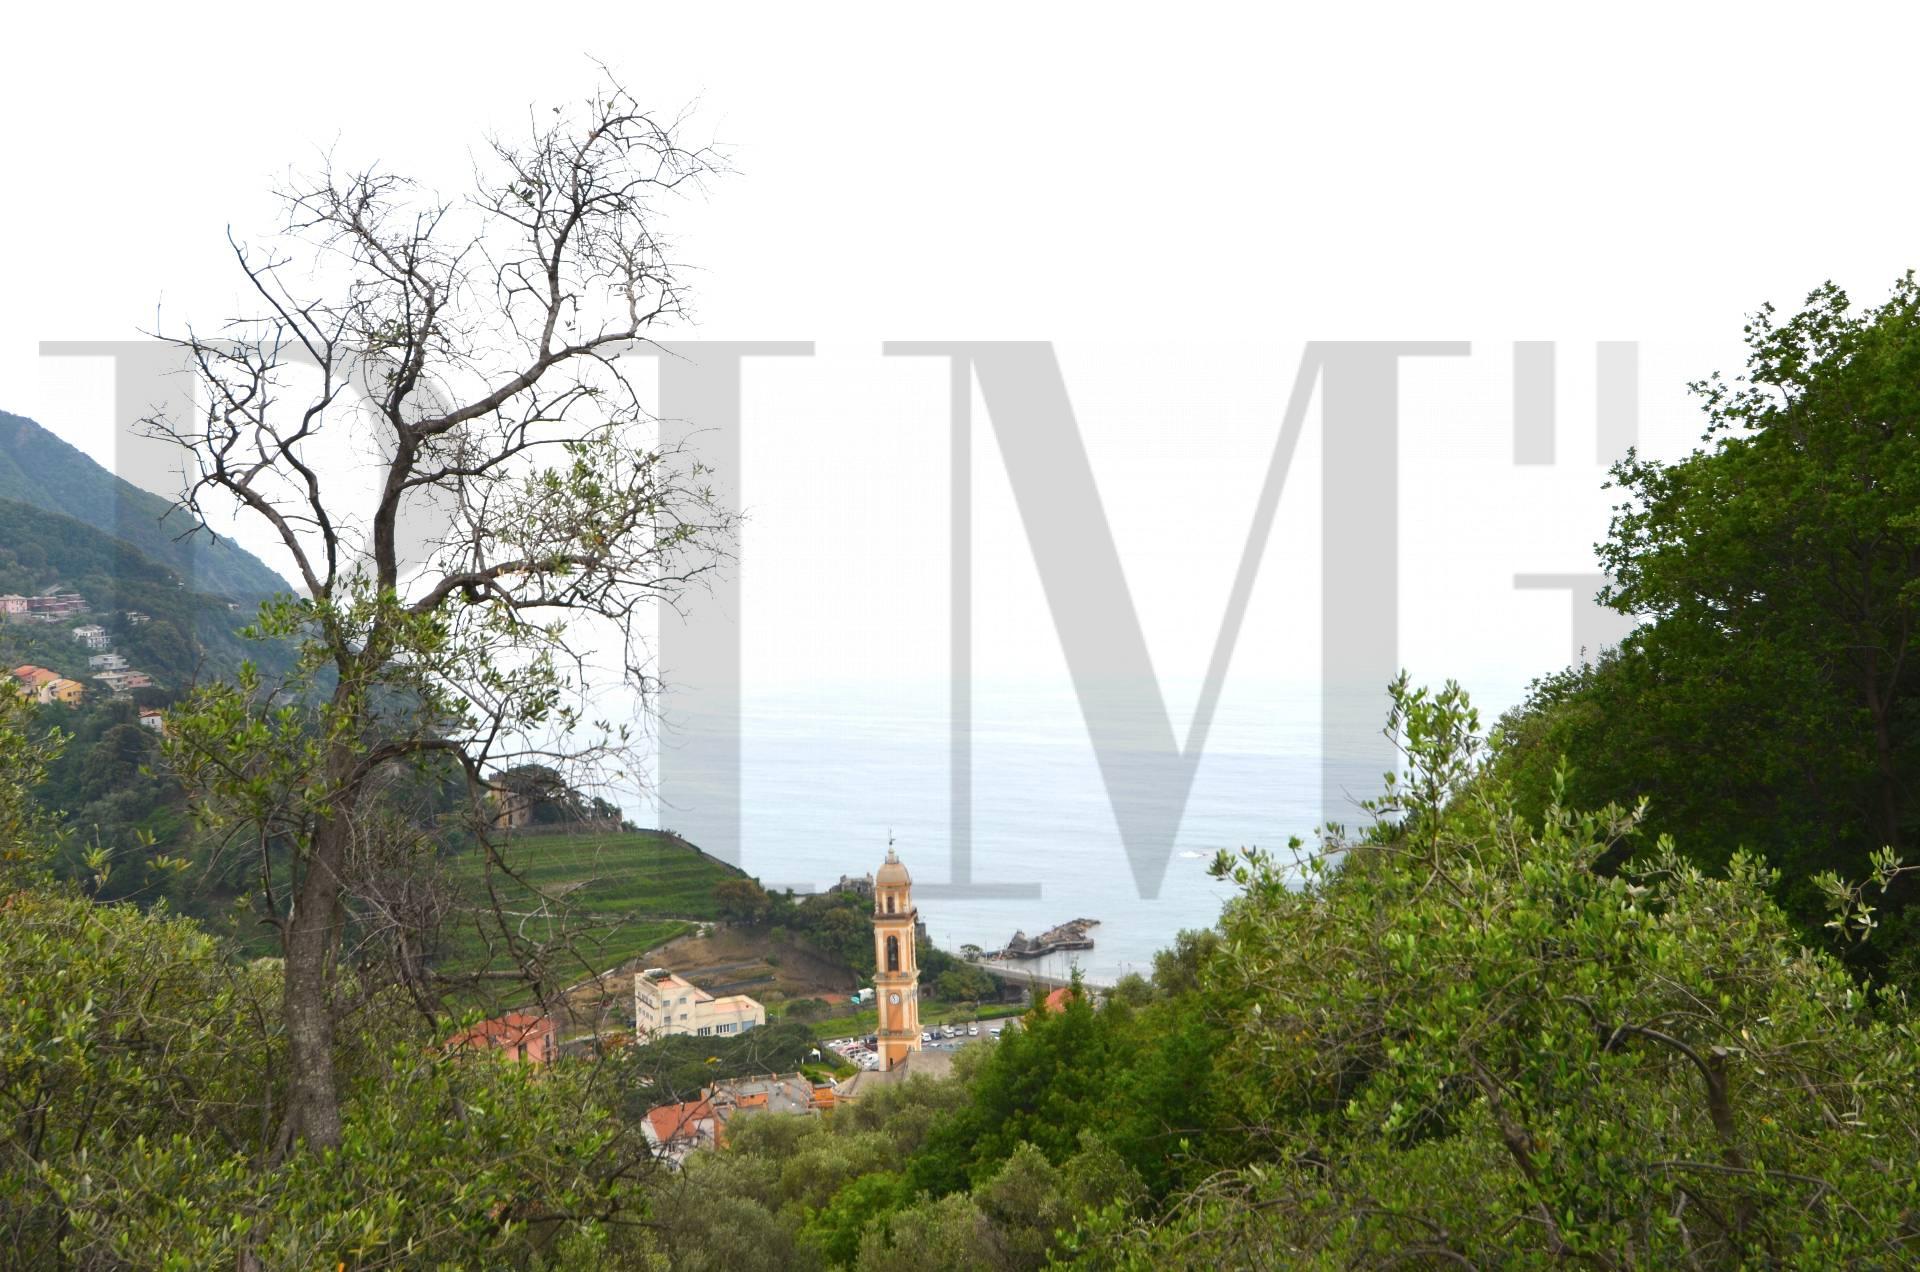 Terreno Agricolo in vendita a Moneglia, 9999 locali, prezzo € 70.000 | CambioCasa.it